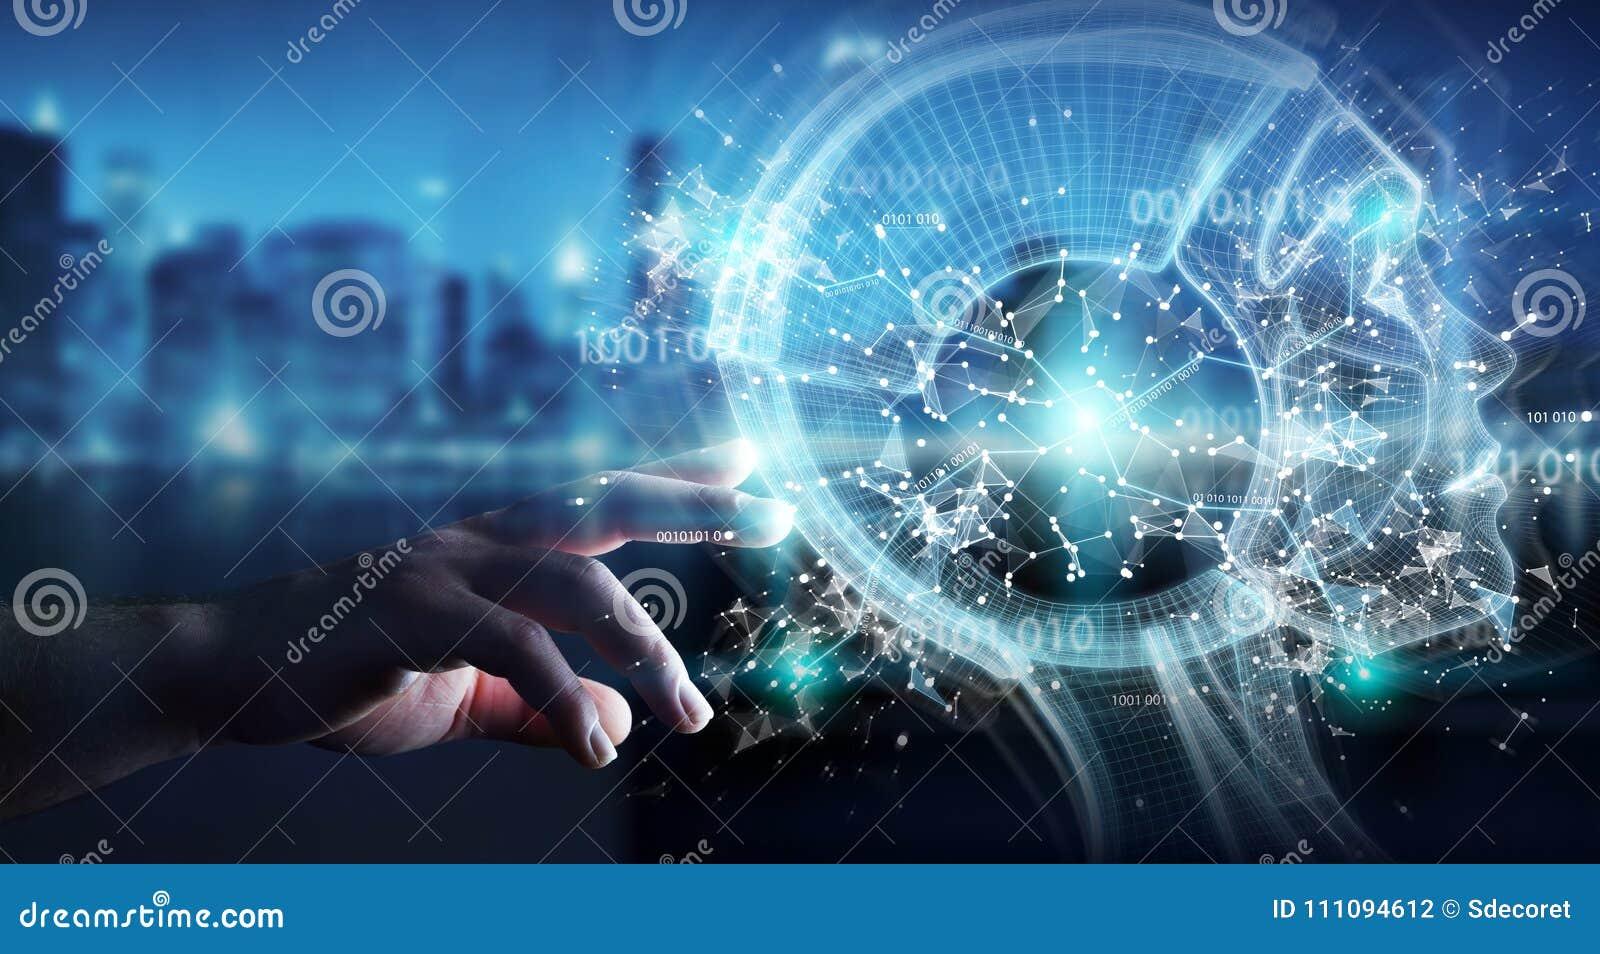 Επιχειρηματίας που χρησιμοποιεί την ψηφιακή διεπαφή τρισδιάστατο ρ τεχνητής νοημοσύνης